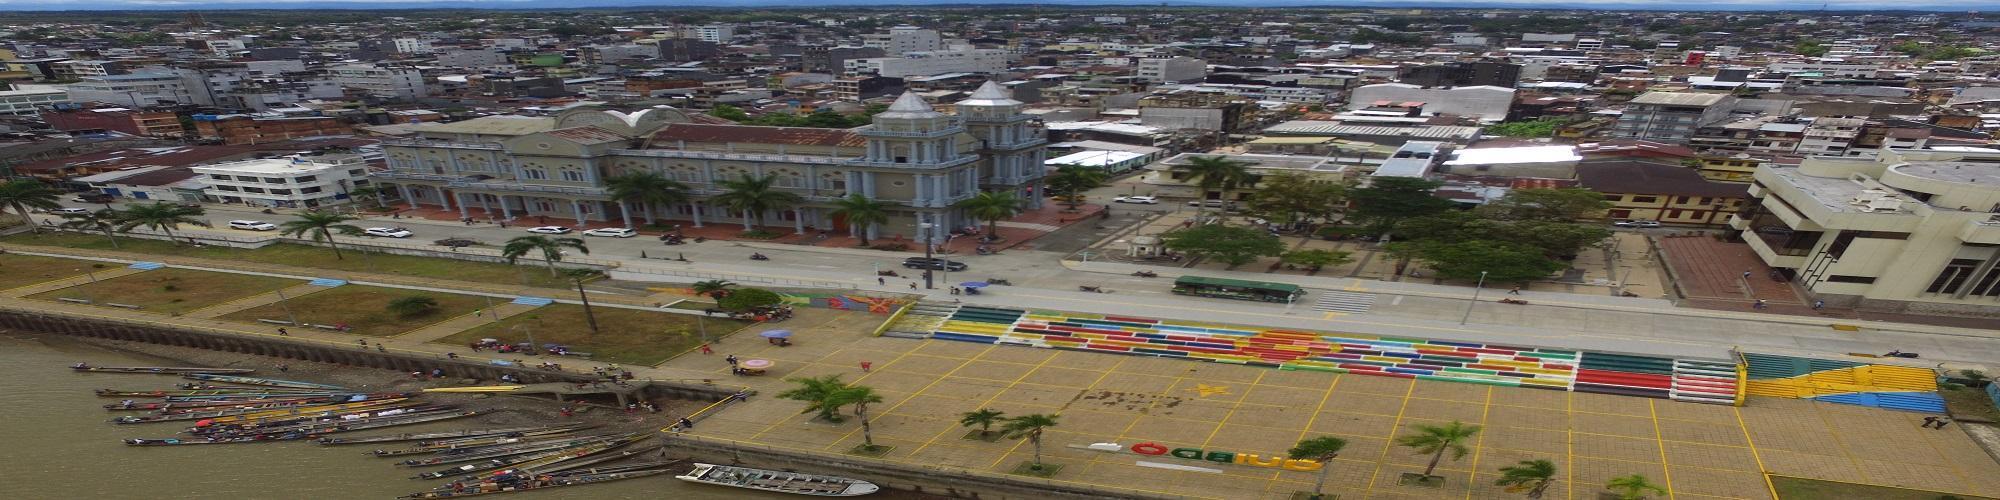 Malecón de la ciudad de Quibdó